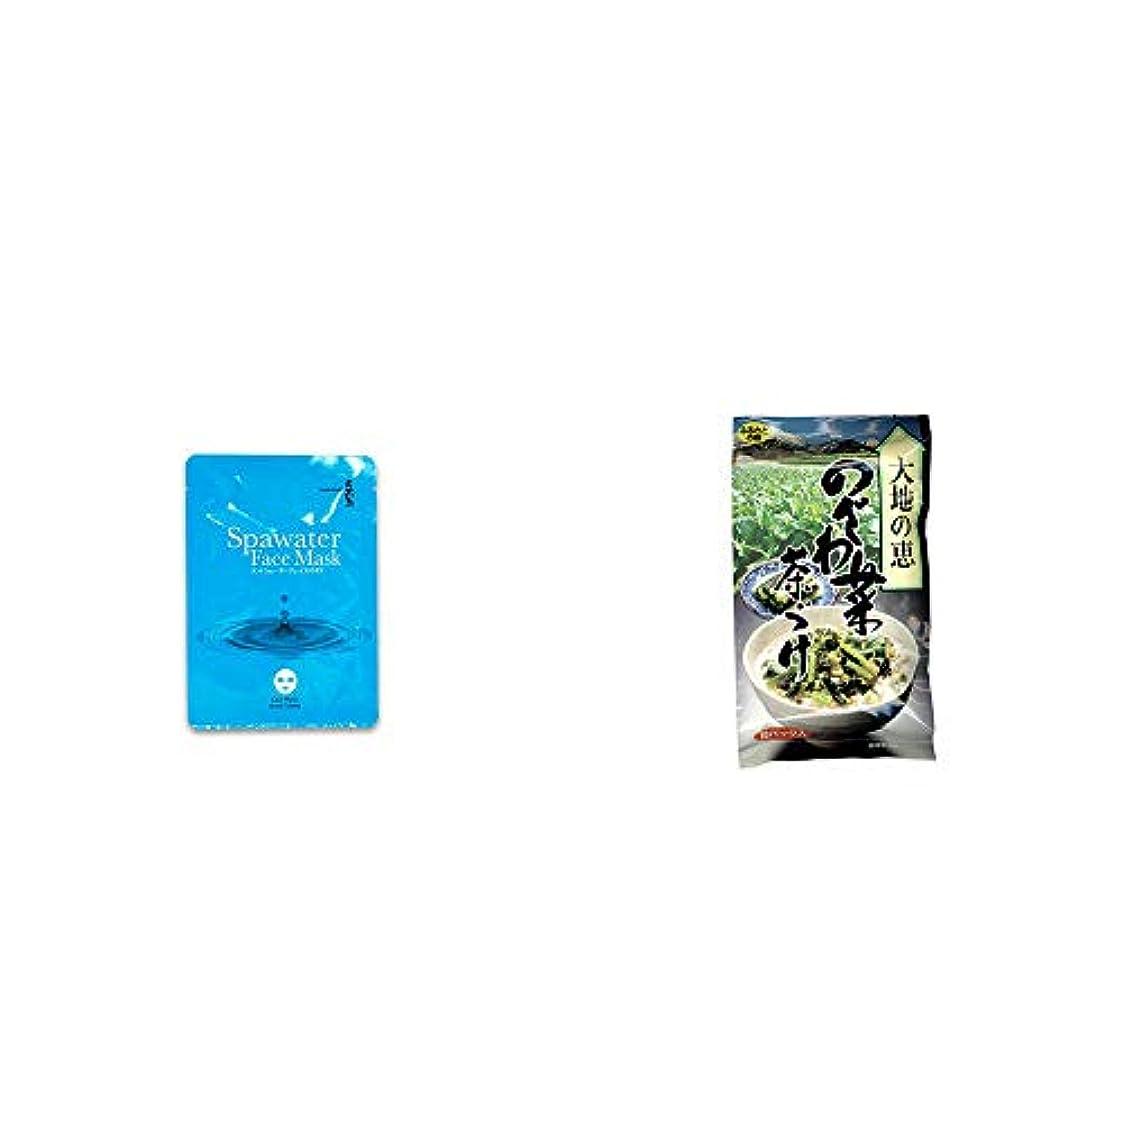 自動車インチ自分の[2点セット] ひのき炭黒泉 スパウォーターフェイスマスク(18ml×3枚入)?特選茶漬け 大地の恵 のざわ菜茶づけ(10袋入)